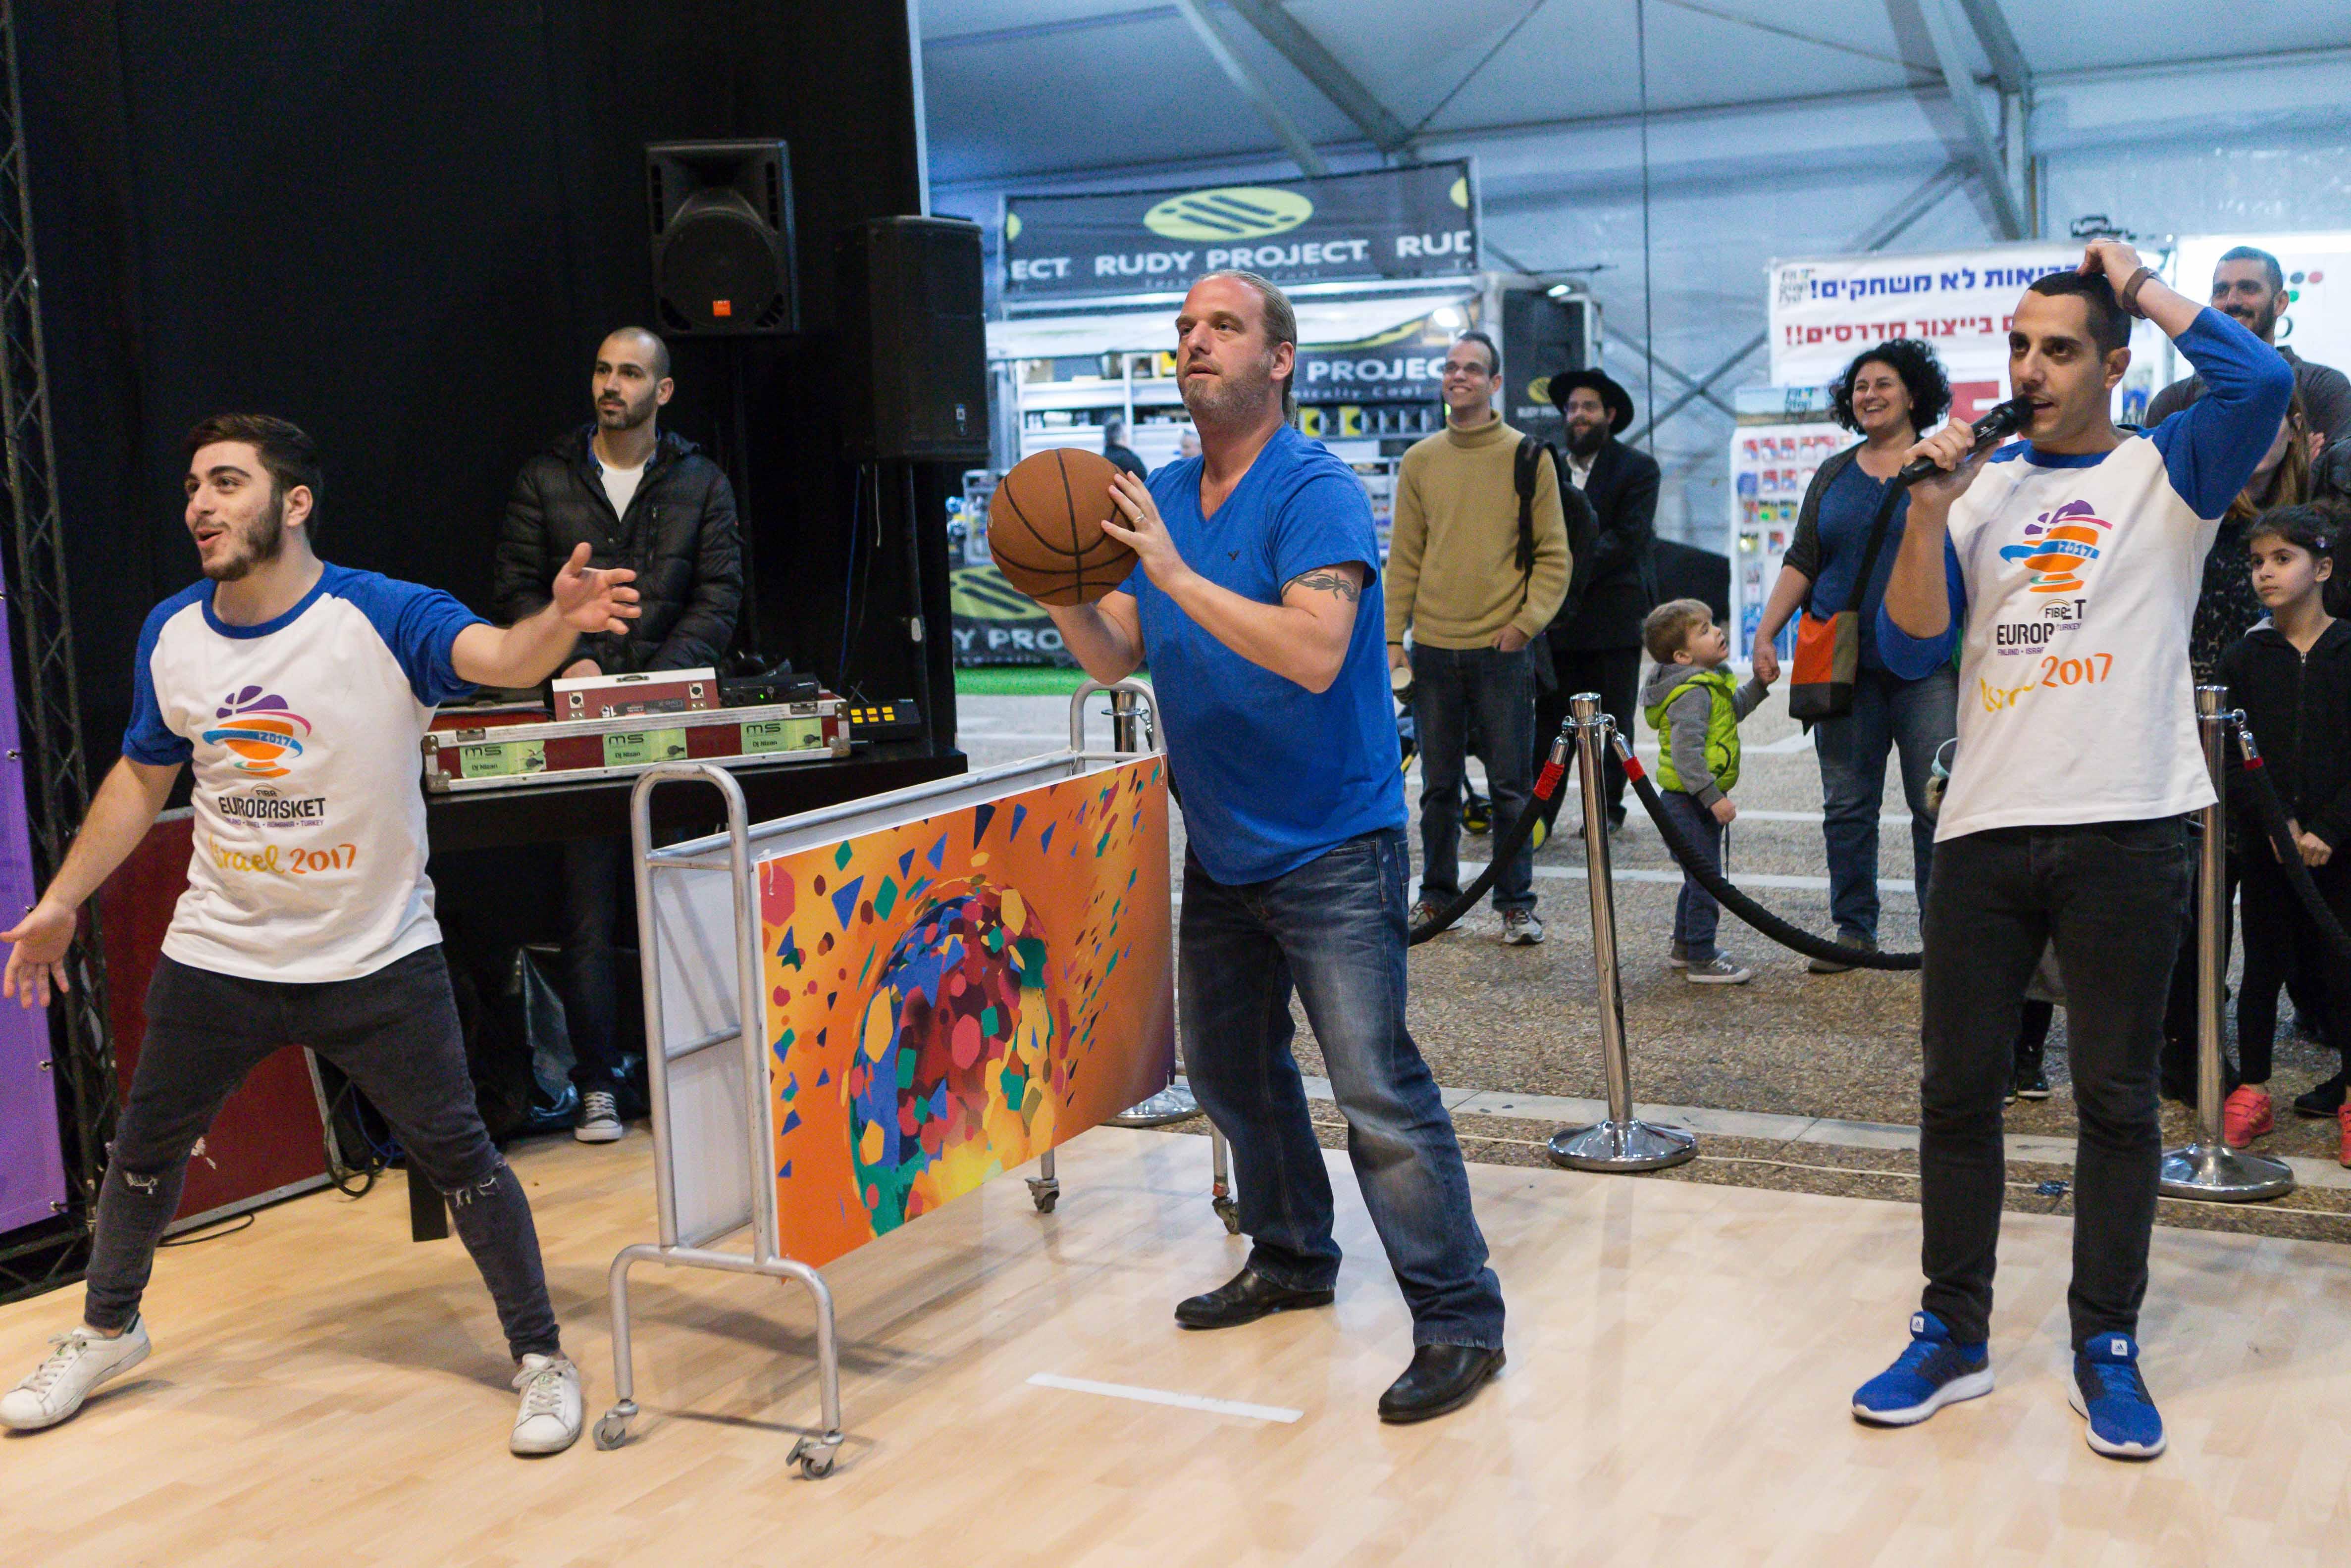 חגיגת כדורסל וכרטיסים ליורובאסקט במתחם שהוקם בככר רבין